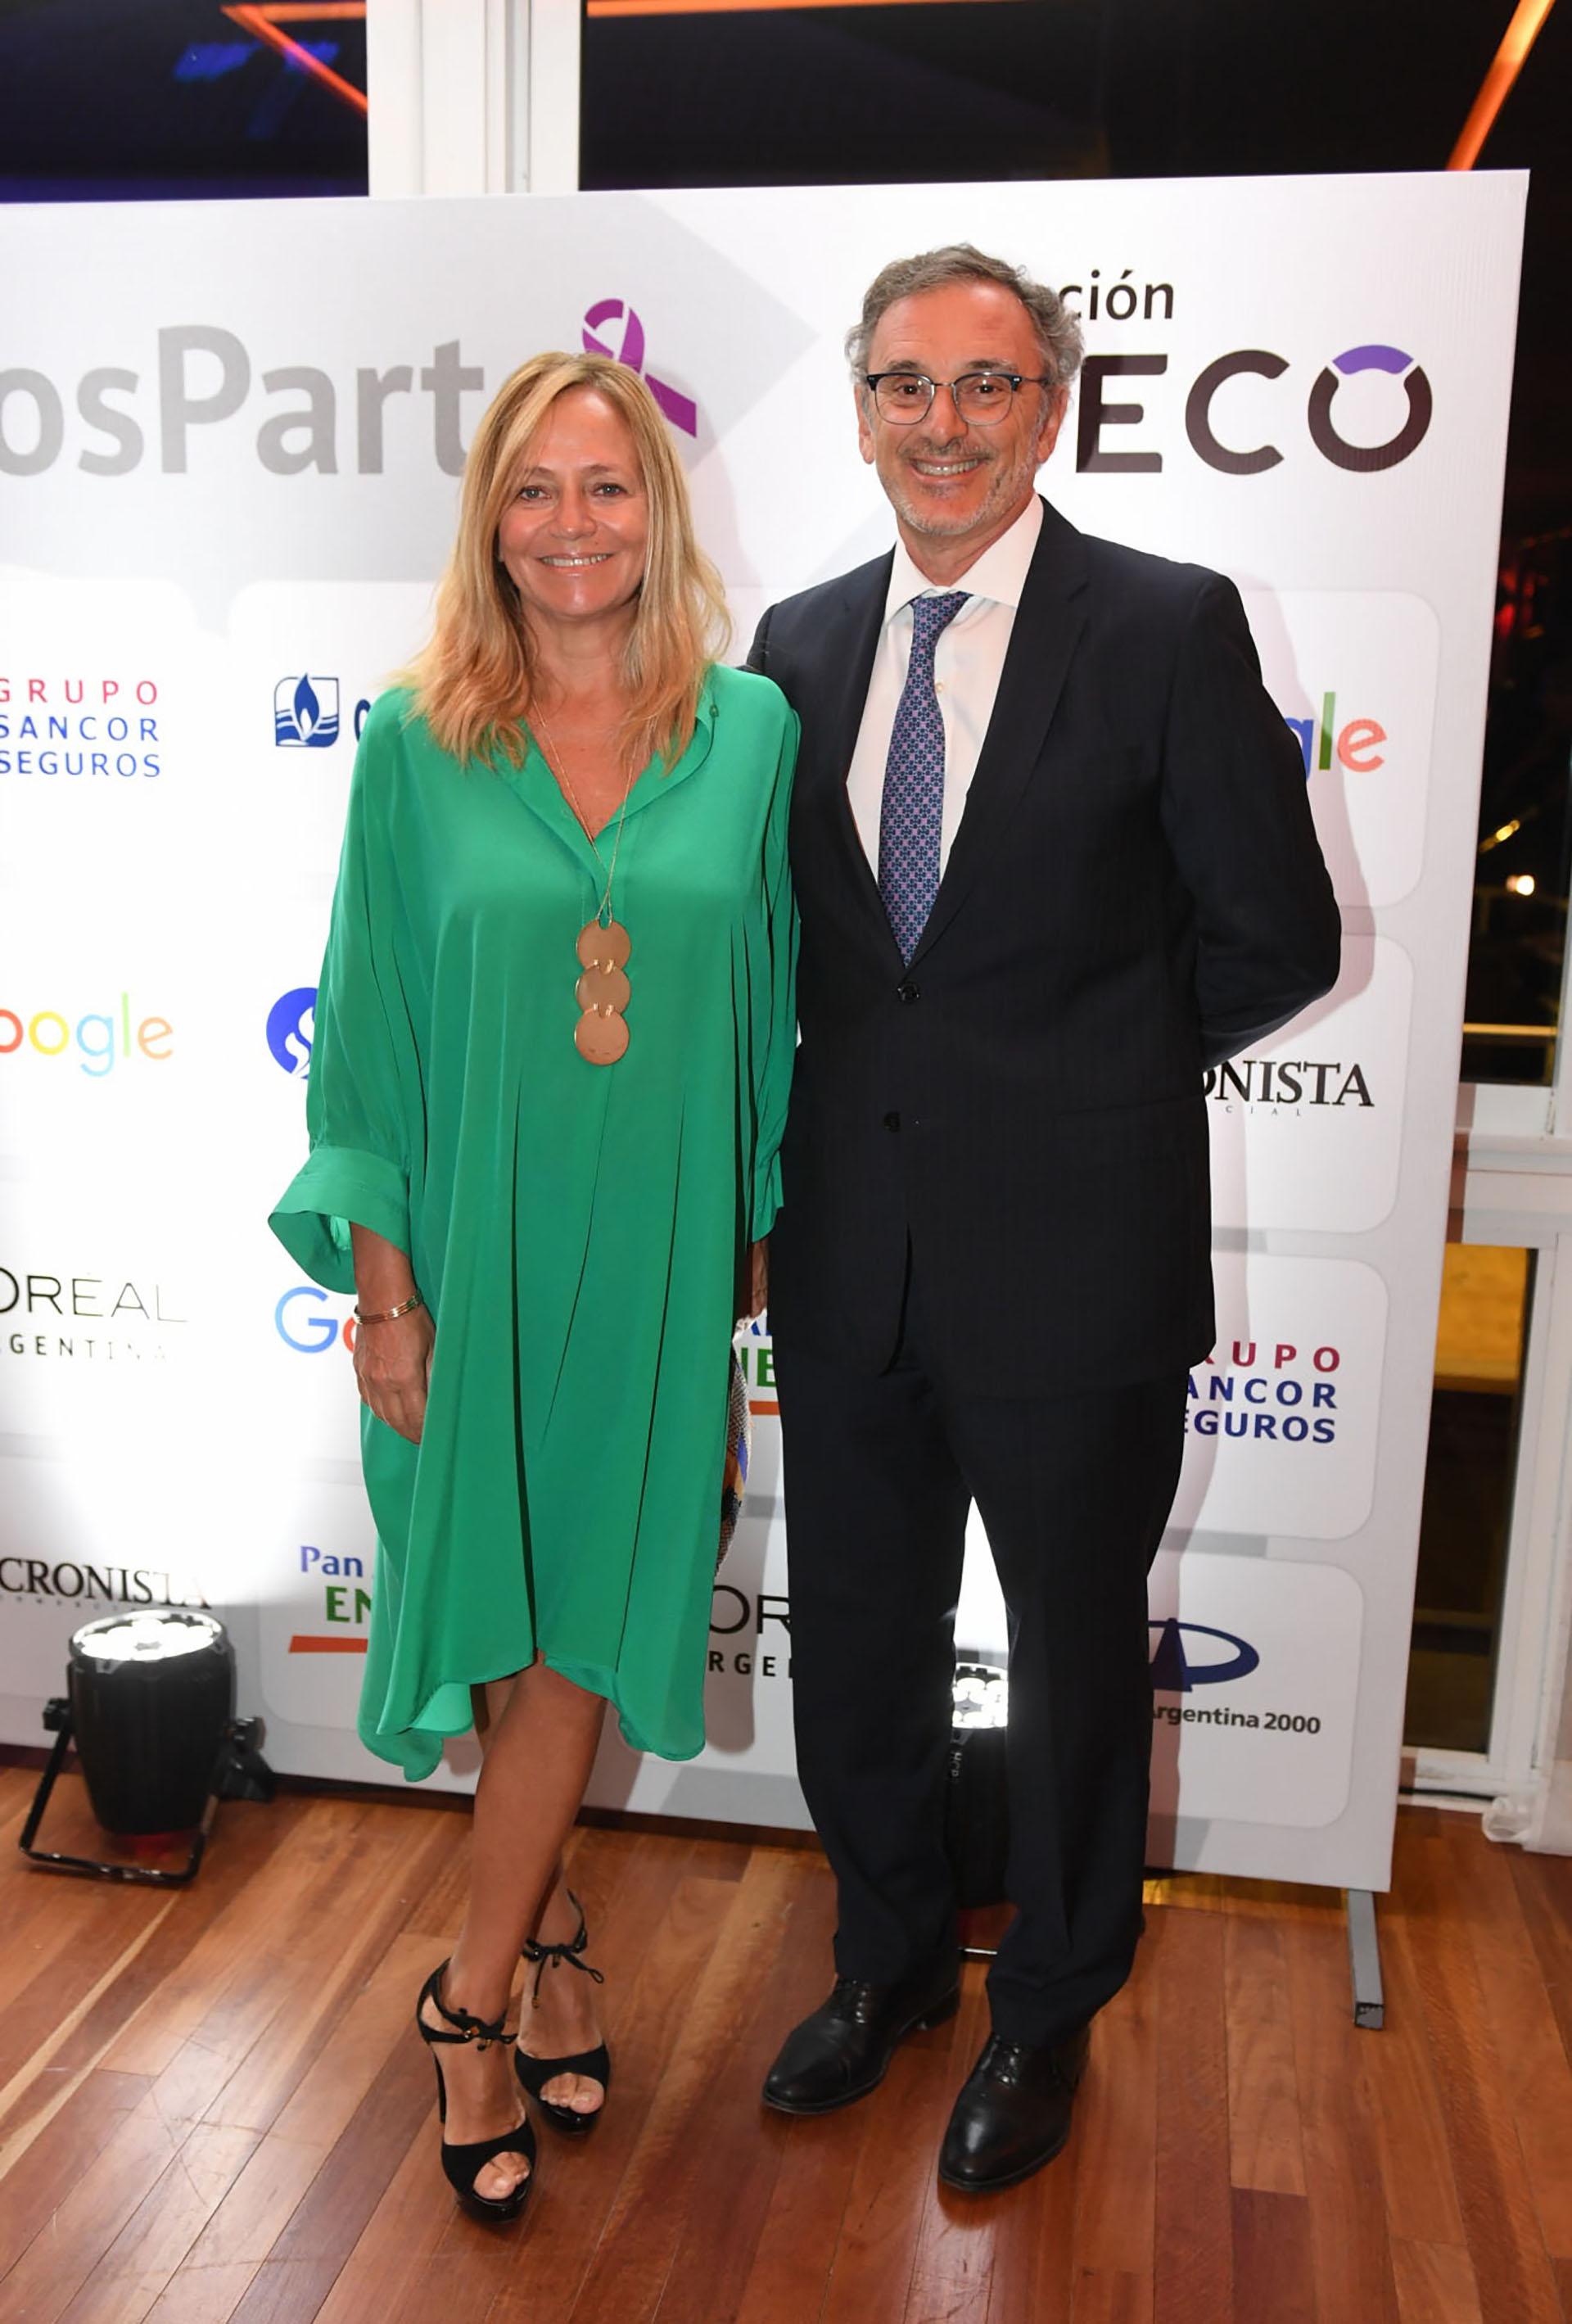 Claudio Cesario, presidente de la Asociación de Bancos de la Argentina (ABA), y su mujer Nélida Barral